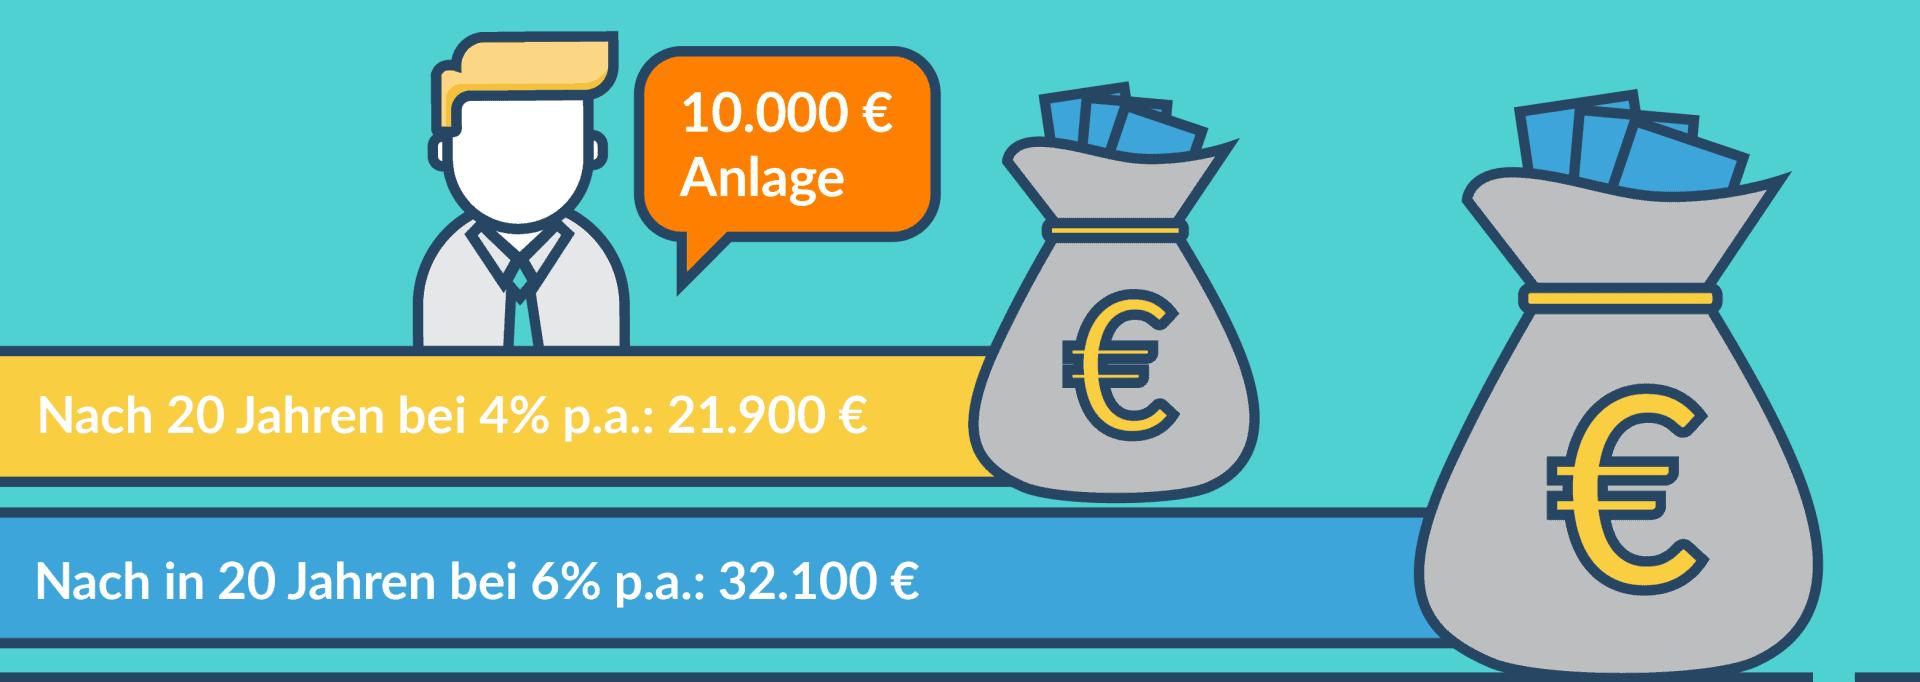 Balkendiagramm - Veranlagung von 4% und 6% p.a 10.000 €